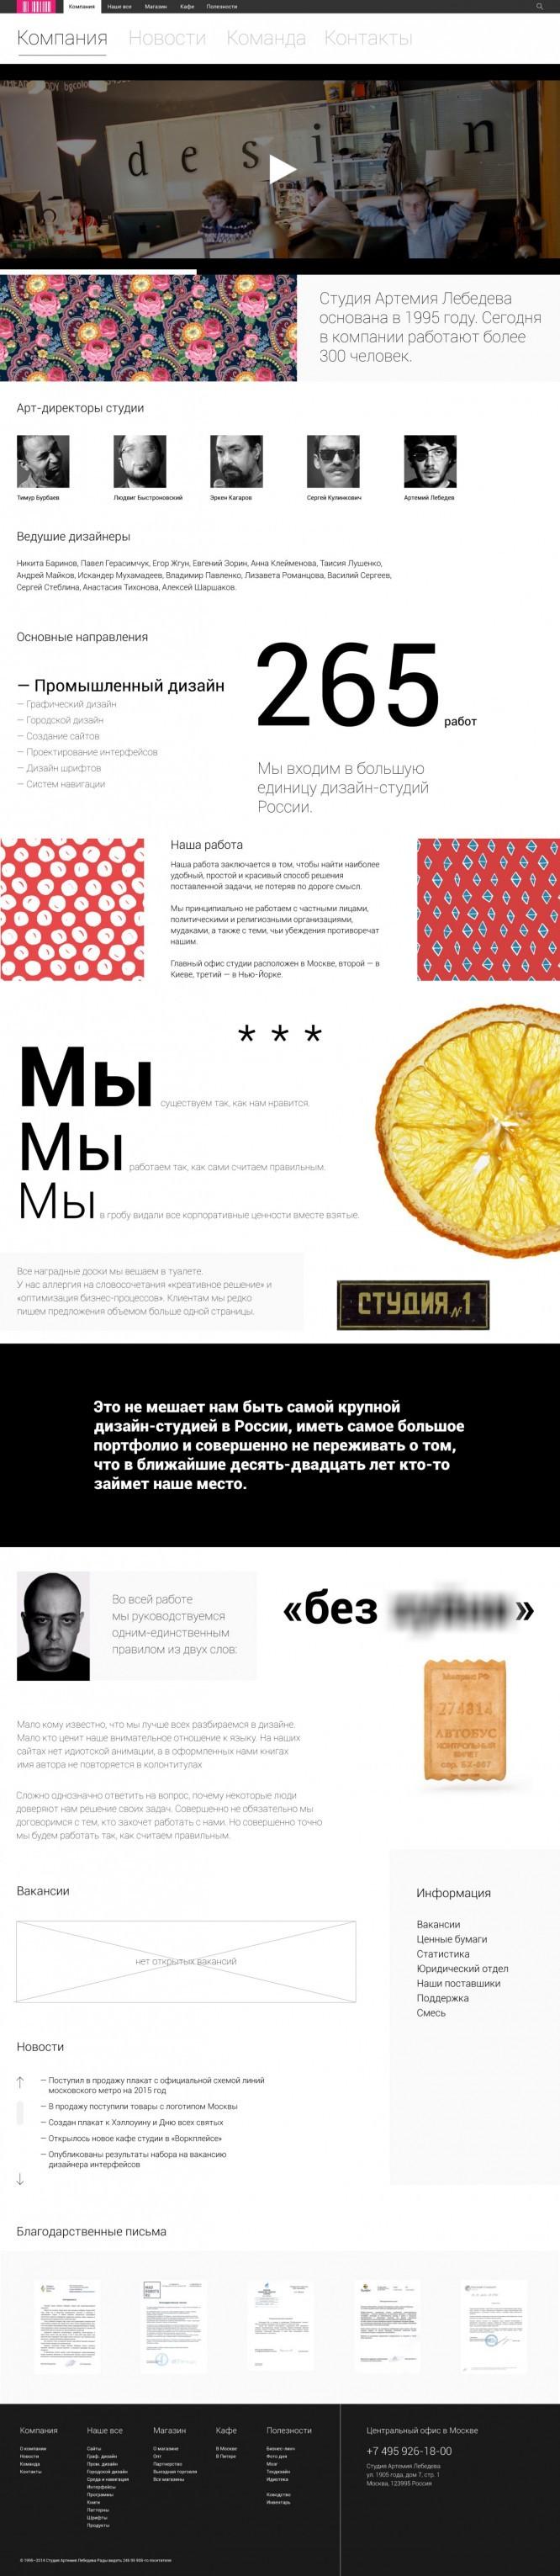 redizajn-sajta-studii-artemiya-lebedeva_9